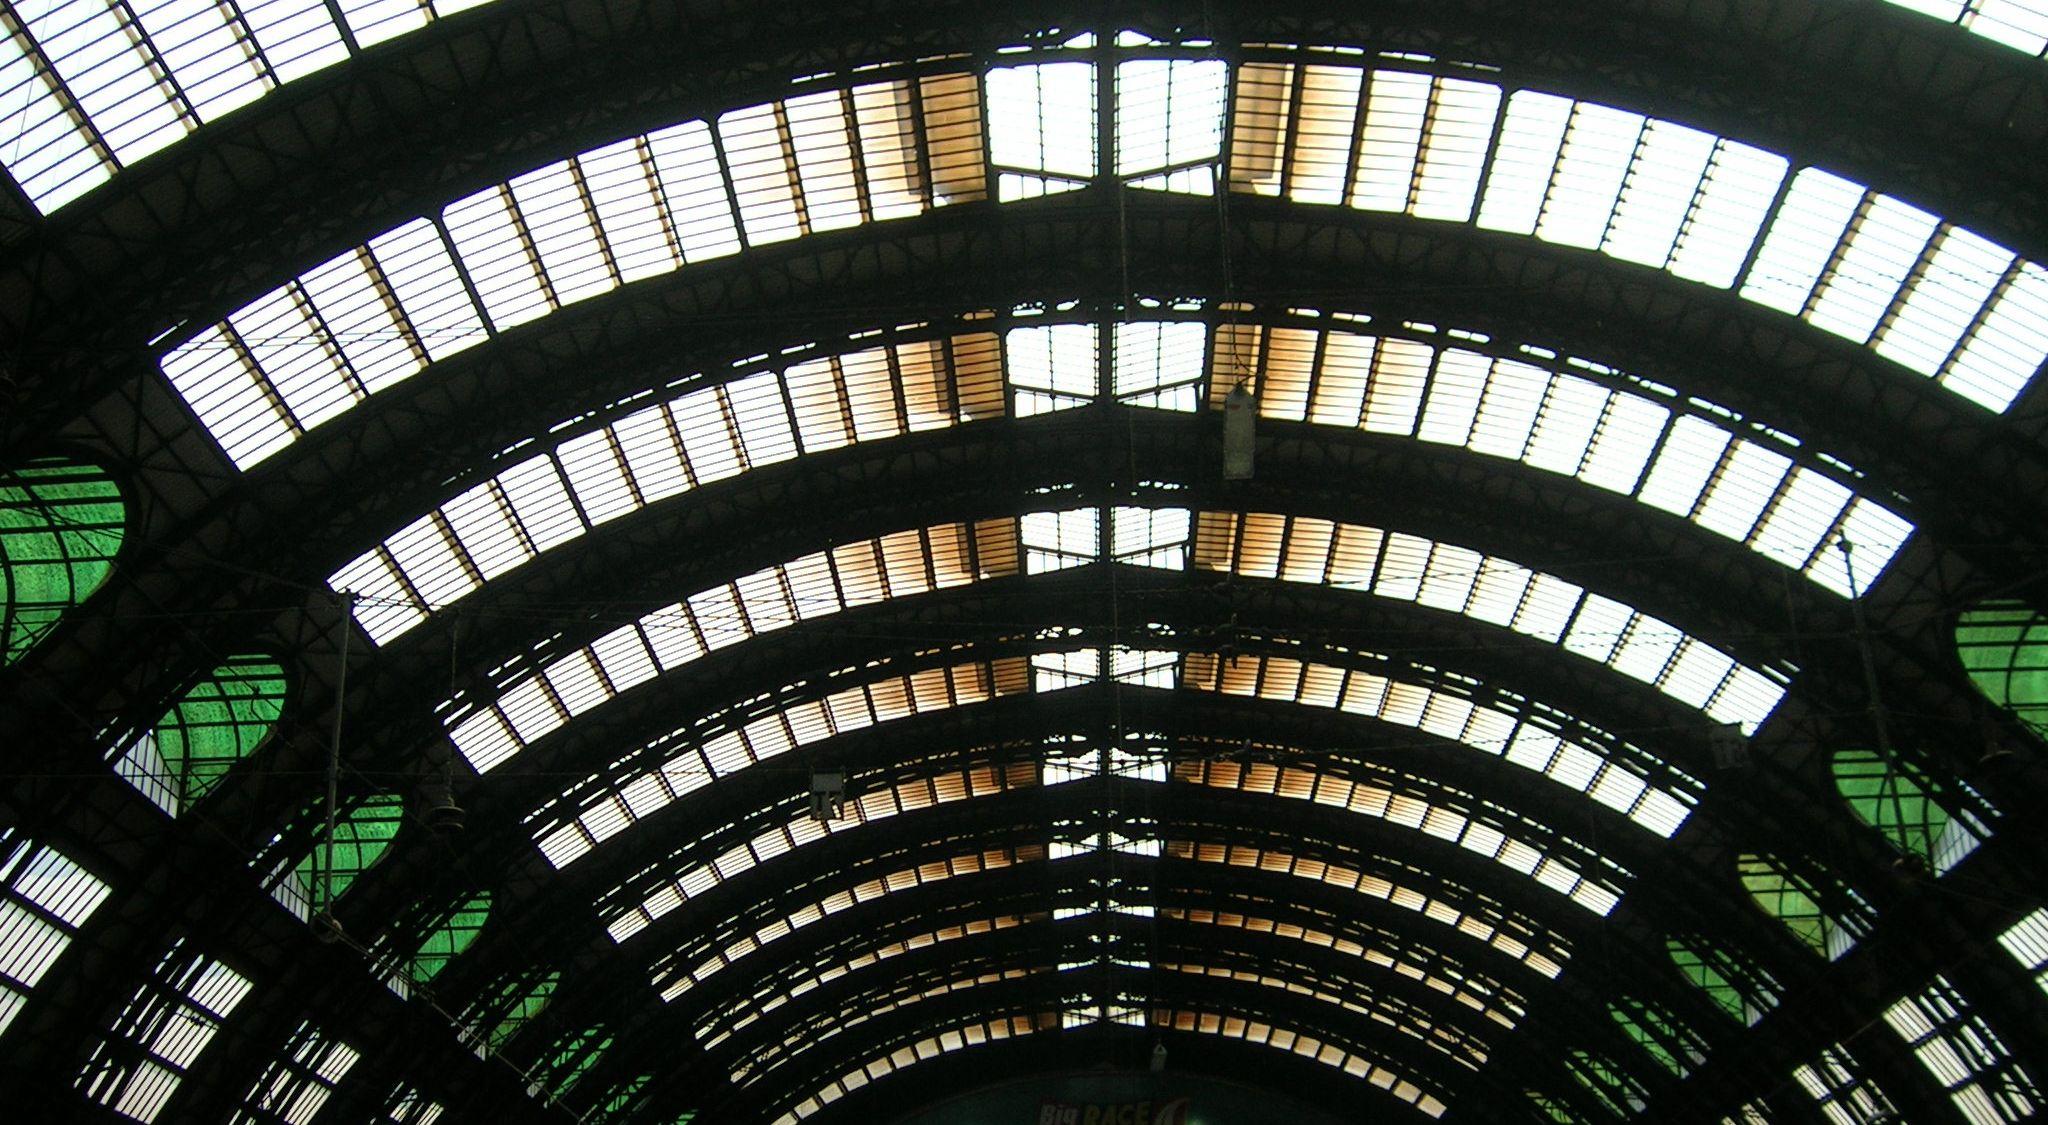 Stazione di Milano Centrale, 2005.